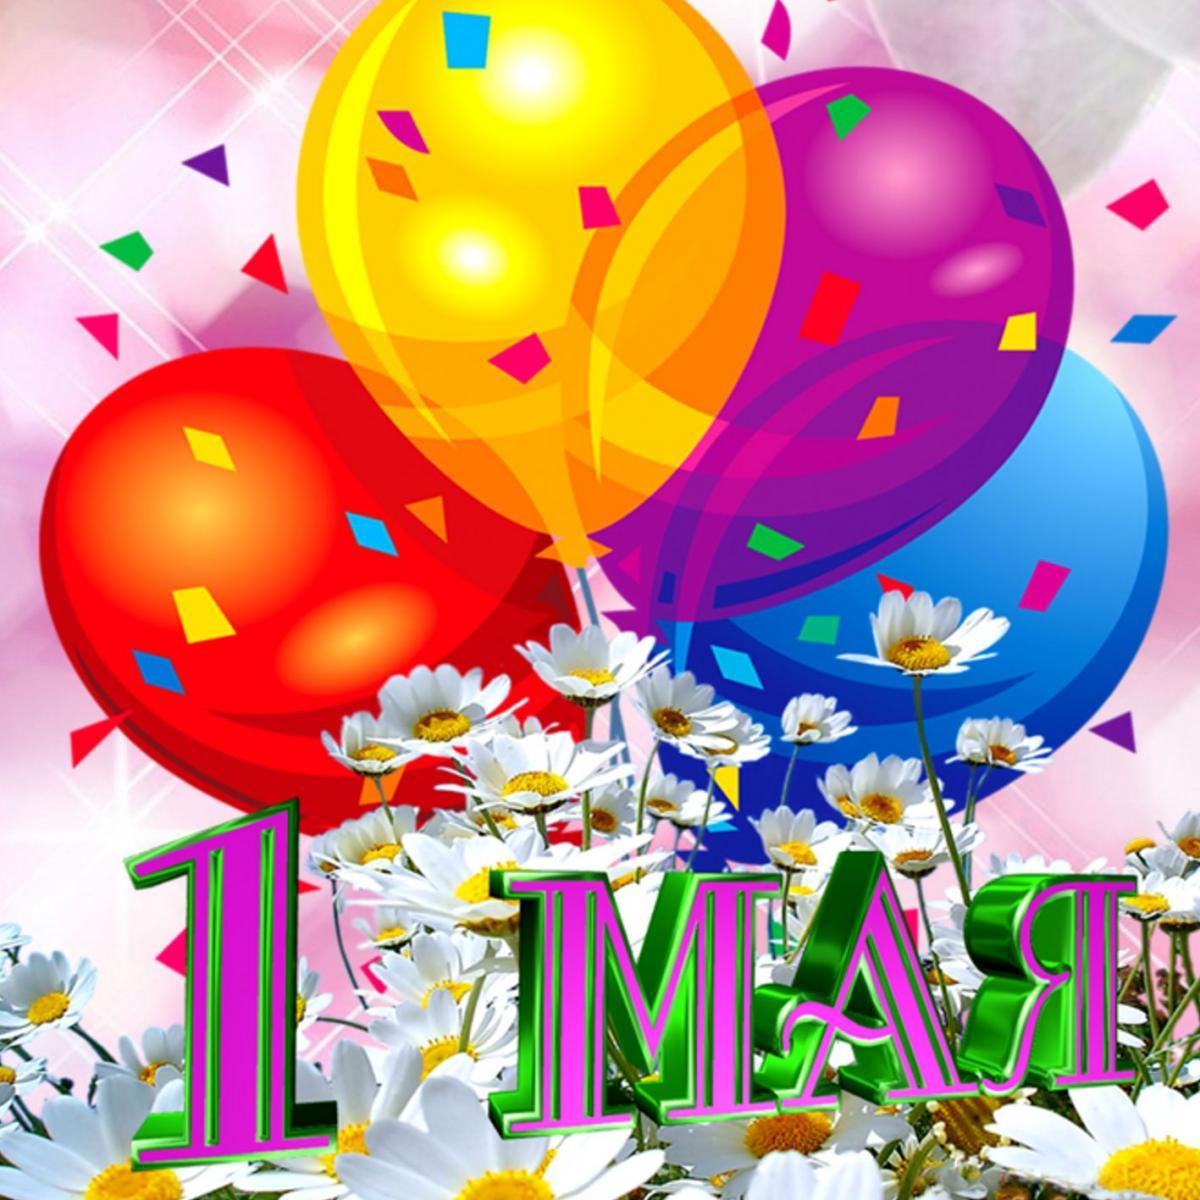 Поздравления с 1 Мая 2019: картинки, забавные открытки, гифки, наилучшие пожелания